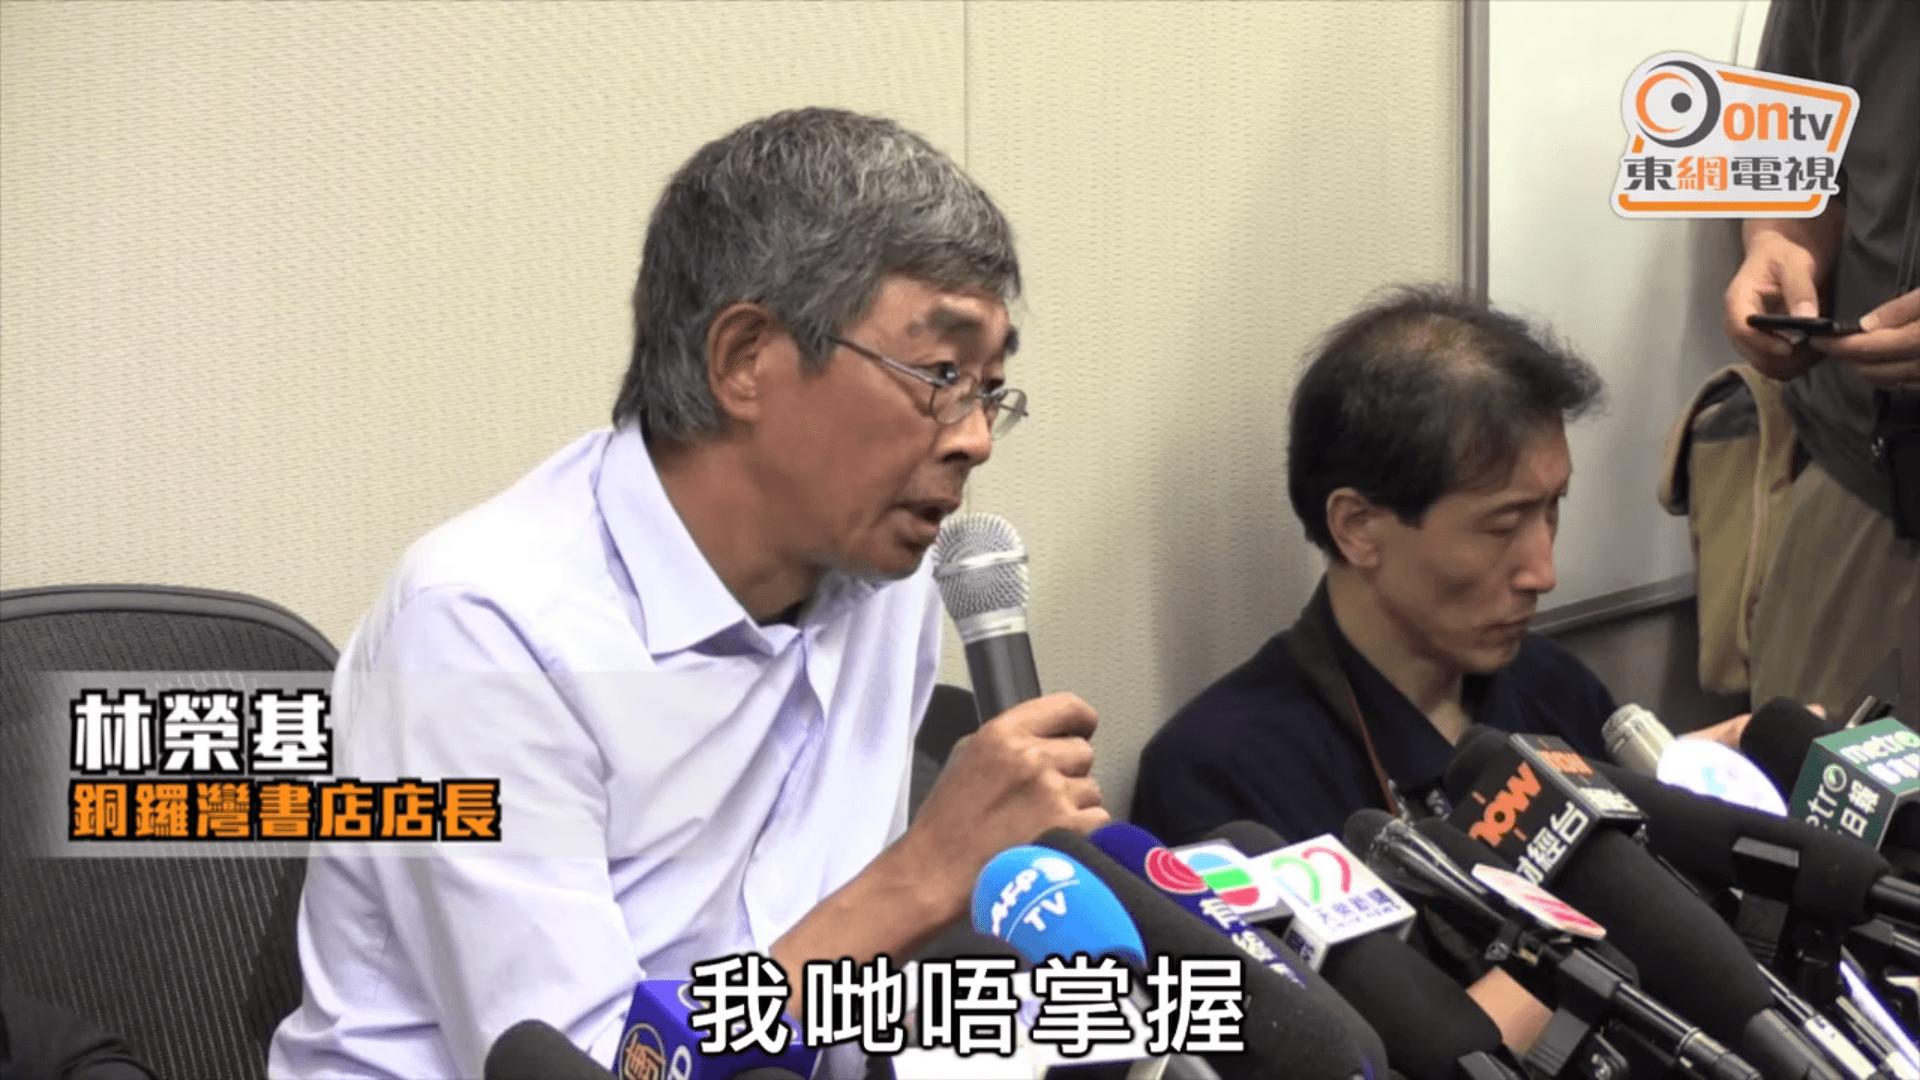 香港銅鑼灣書店創辦人 昨現身踢爆在中國遭拘押